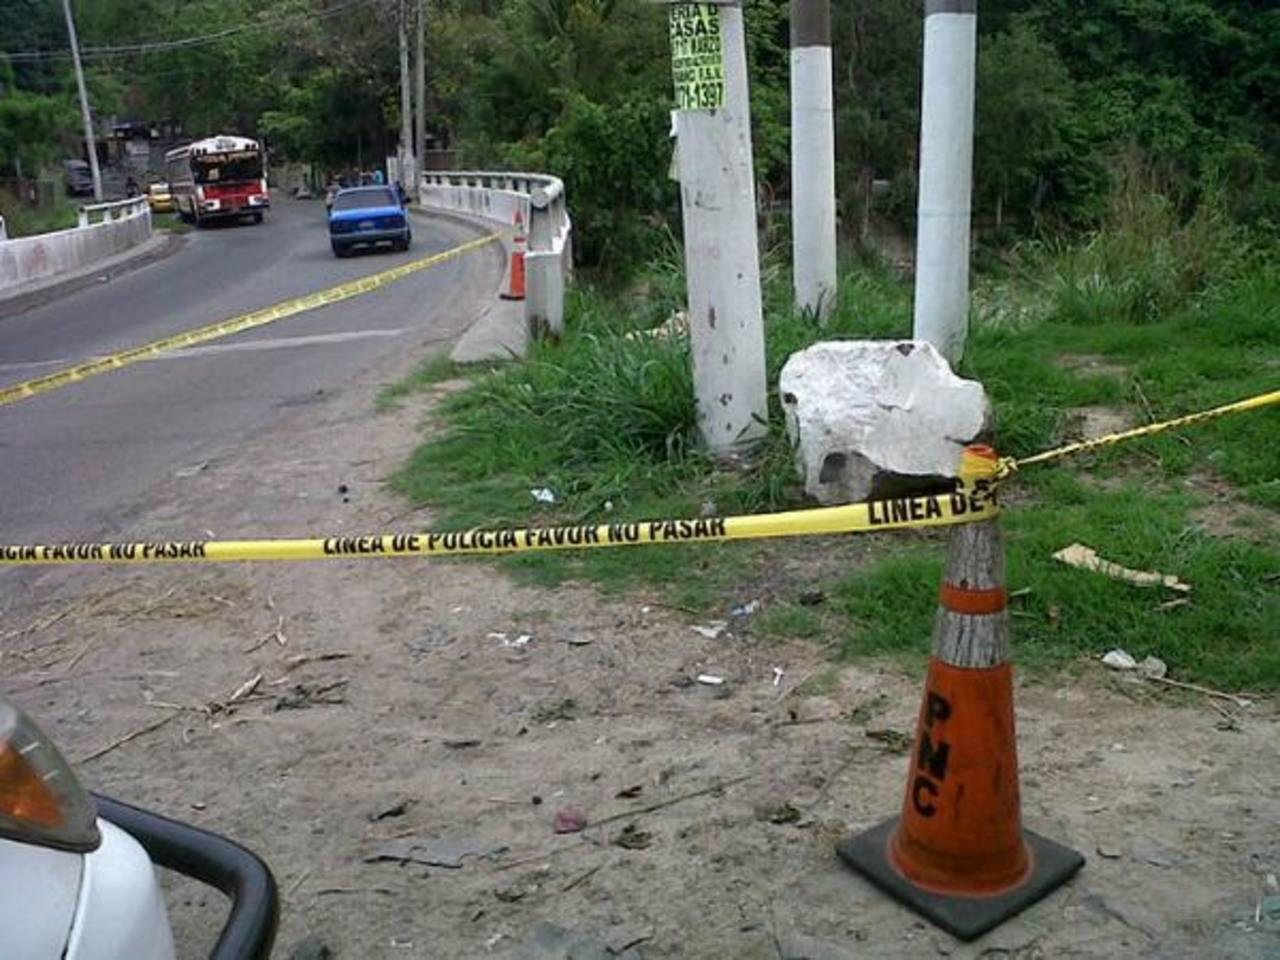 El cadáver de un hombre fue localizado en las cercanías del puente Agua Caliente, Soyapango. Foto vía Twitter Jaime Anaya